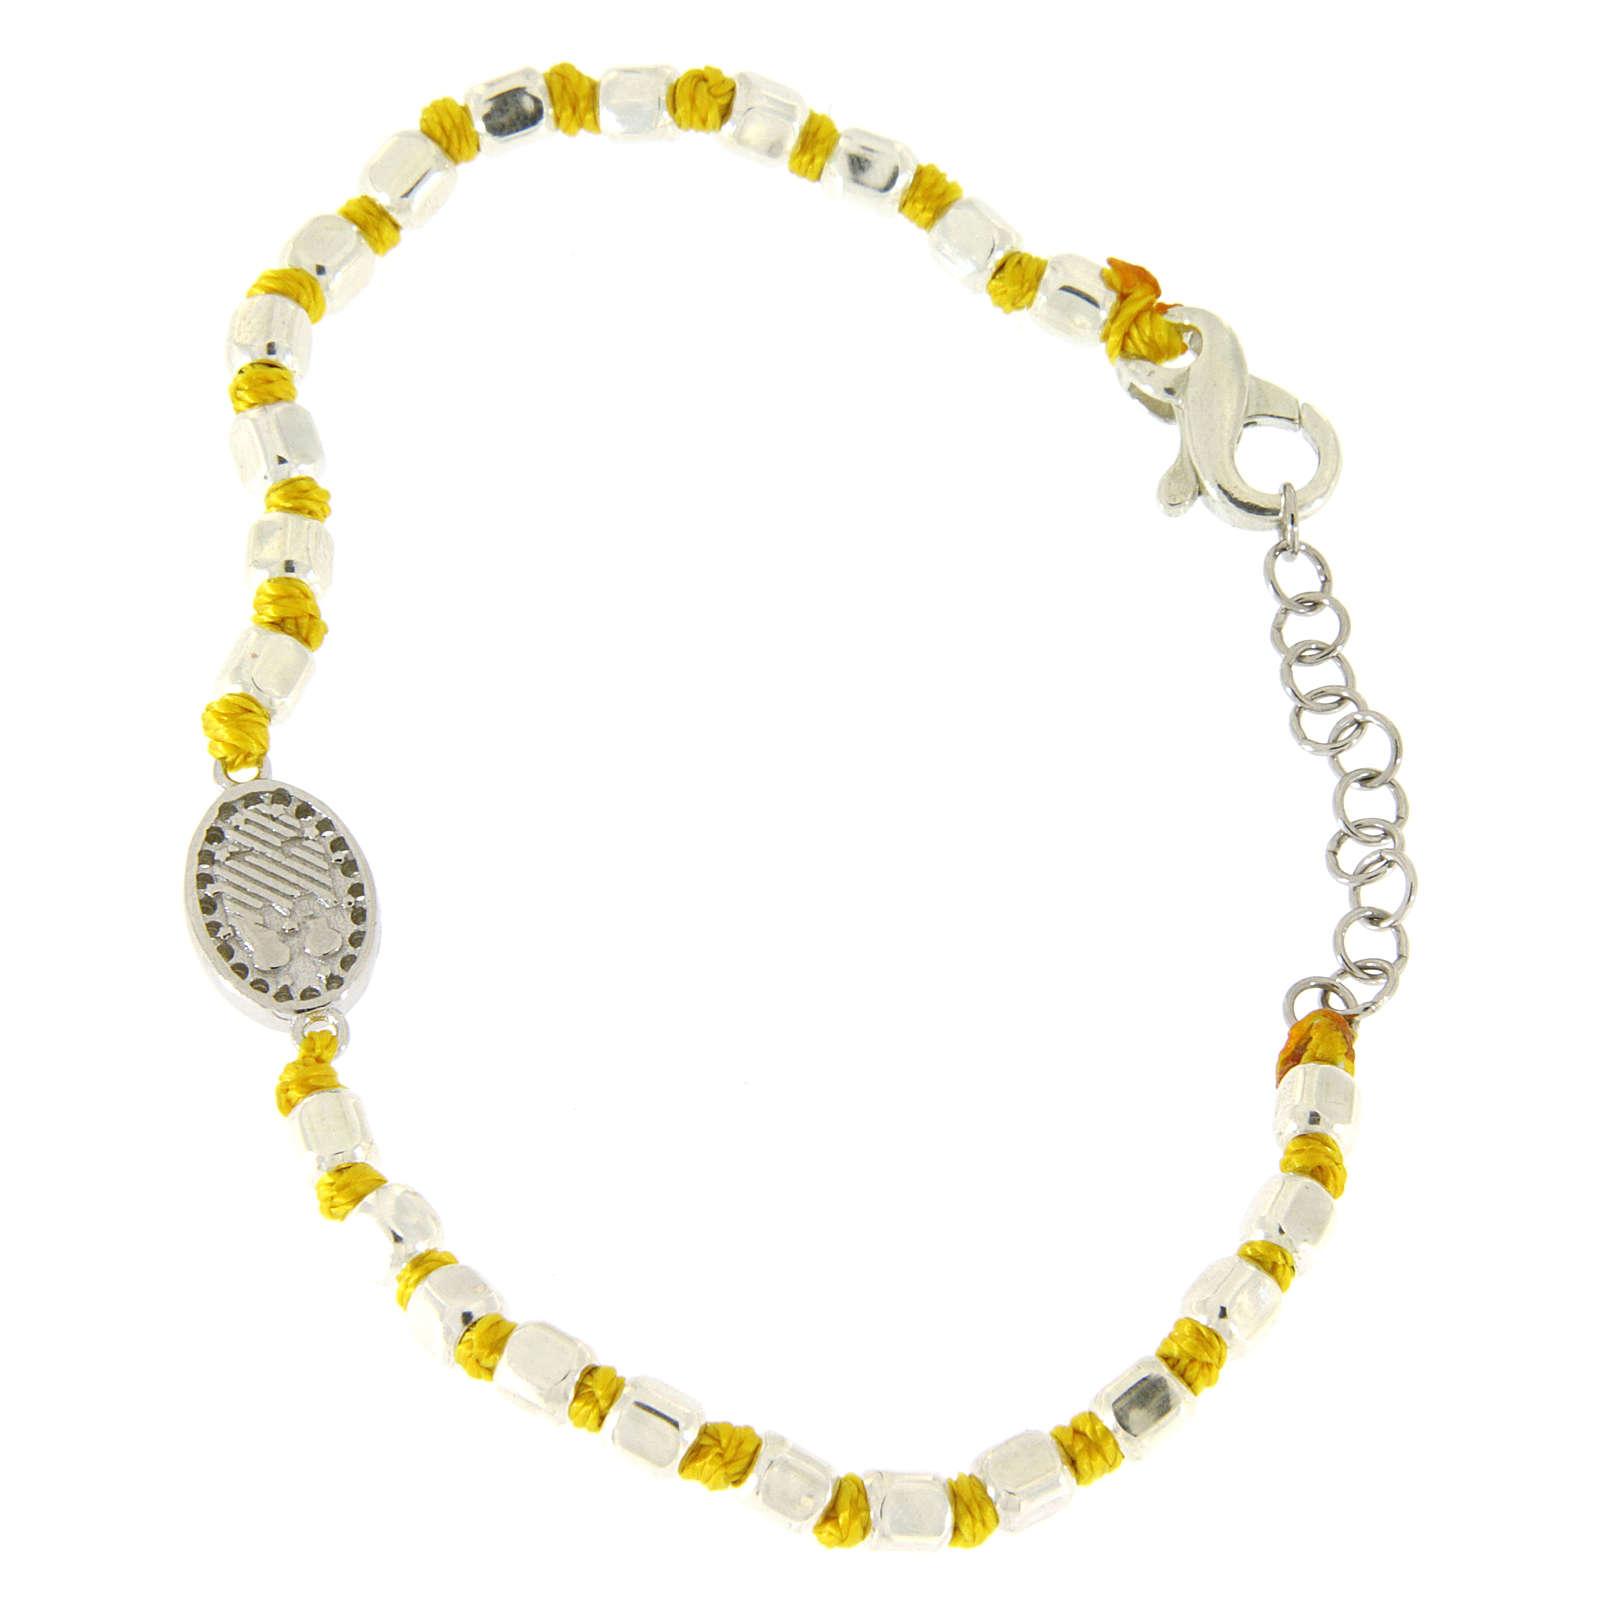 Bracciale sfere sfaccettate argento 2 mm, nodi cotone giallo, medaglietta S. Rita zirconi bianchi 4